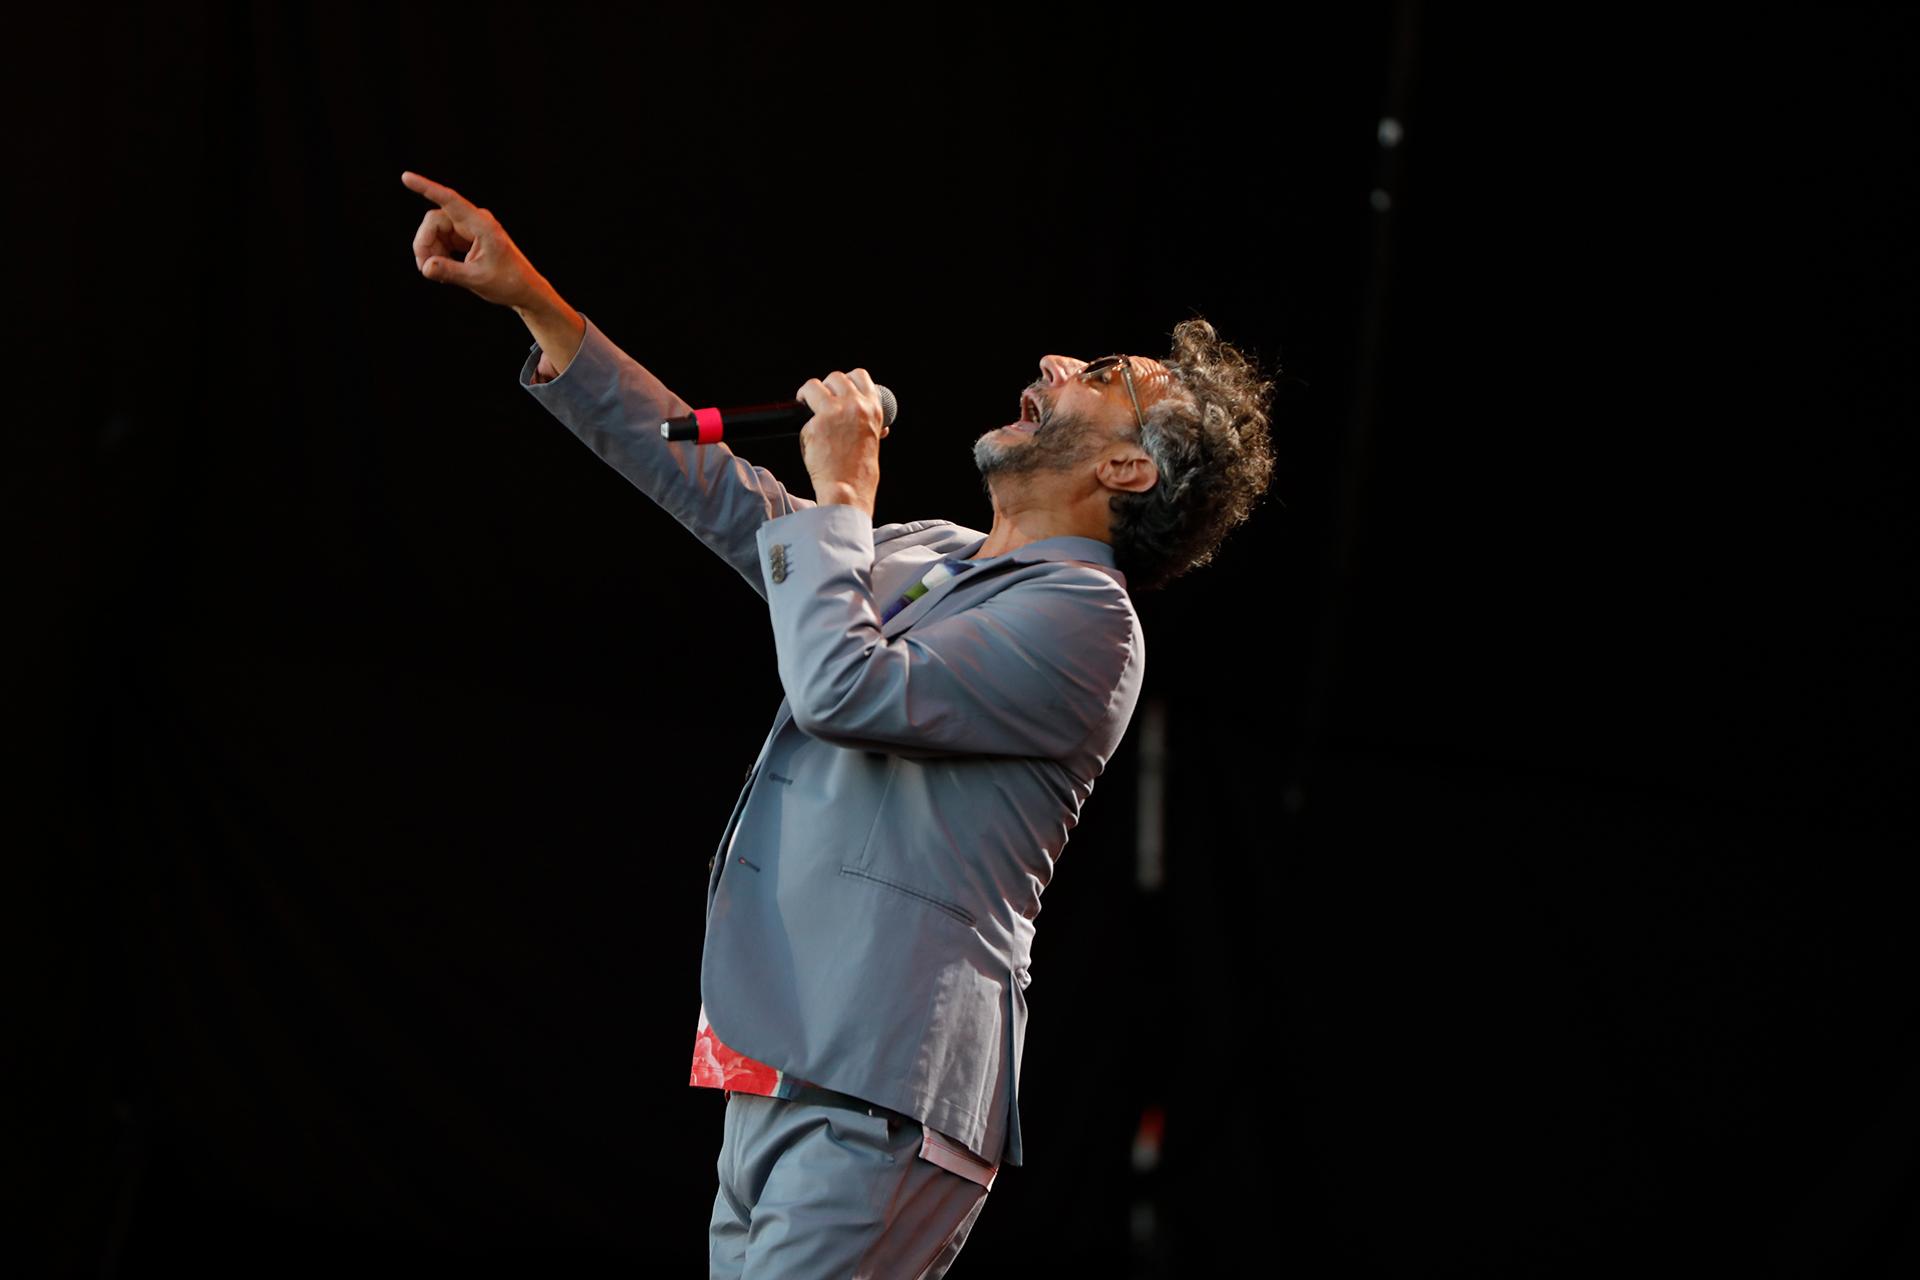 El cantante rosarino se presentó en el Lollpalooza Argentina 2019 (Chule Valerga)